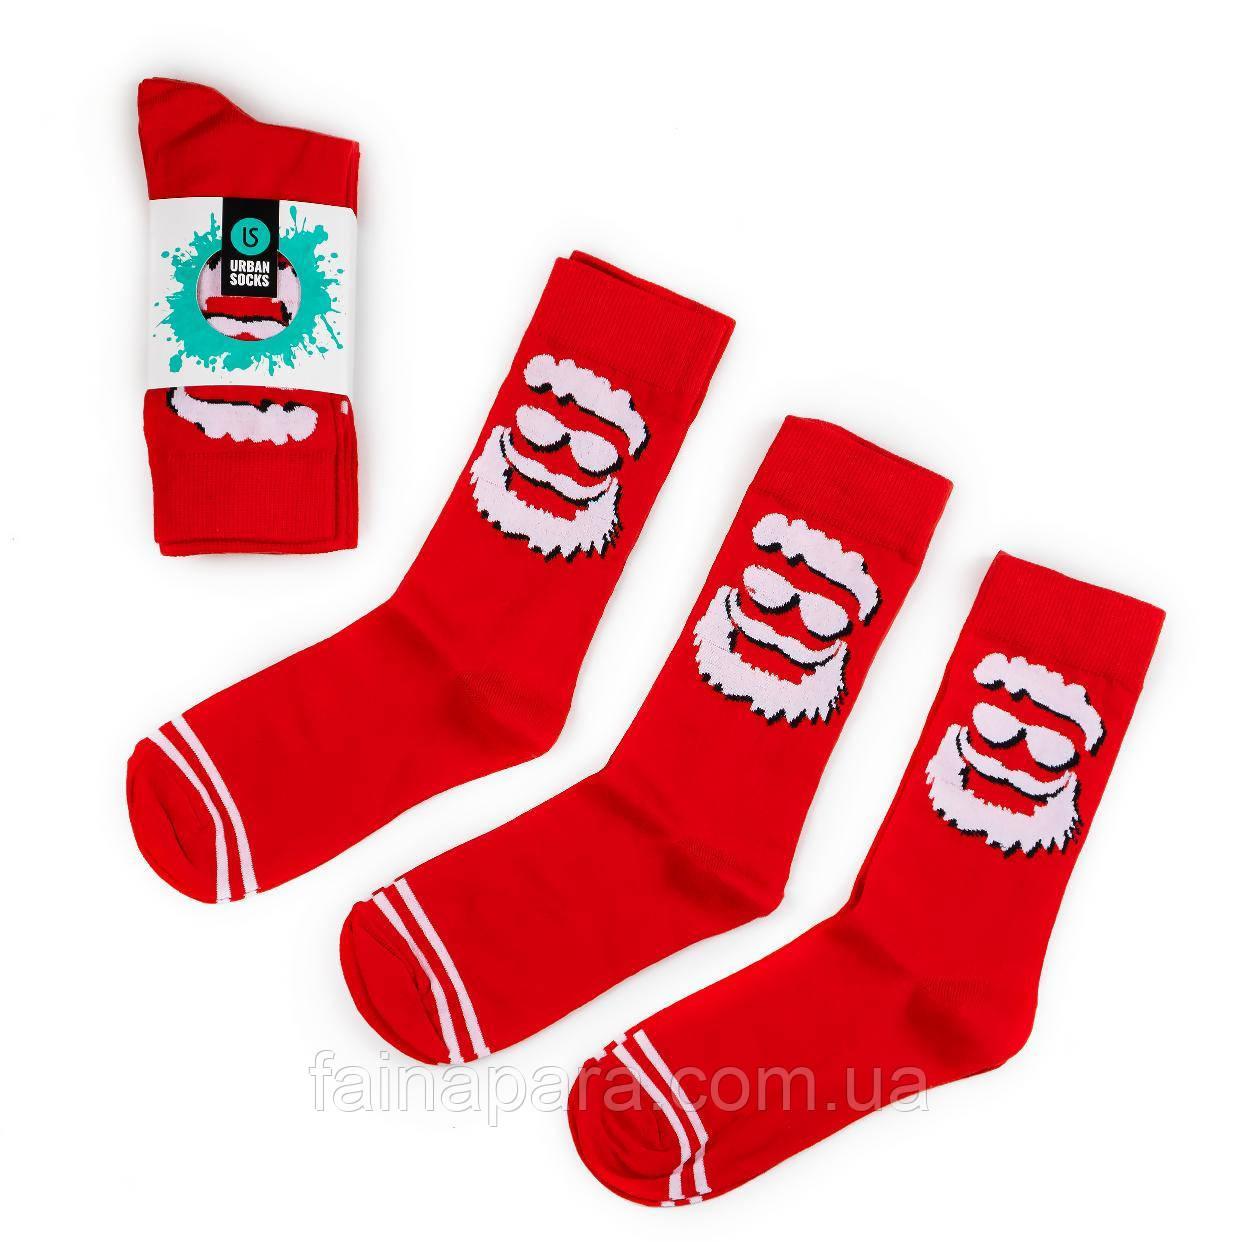 Яркие новогодние мужские носки на подарок комплект 3 пары